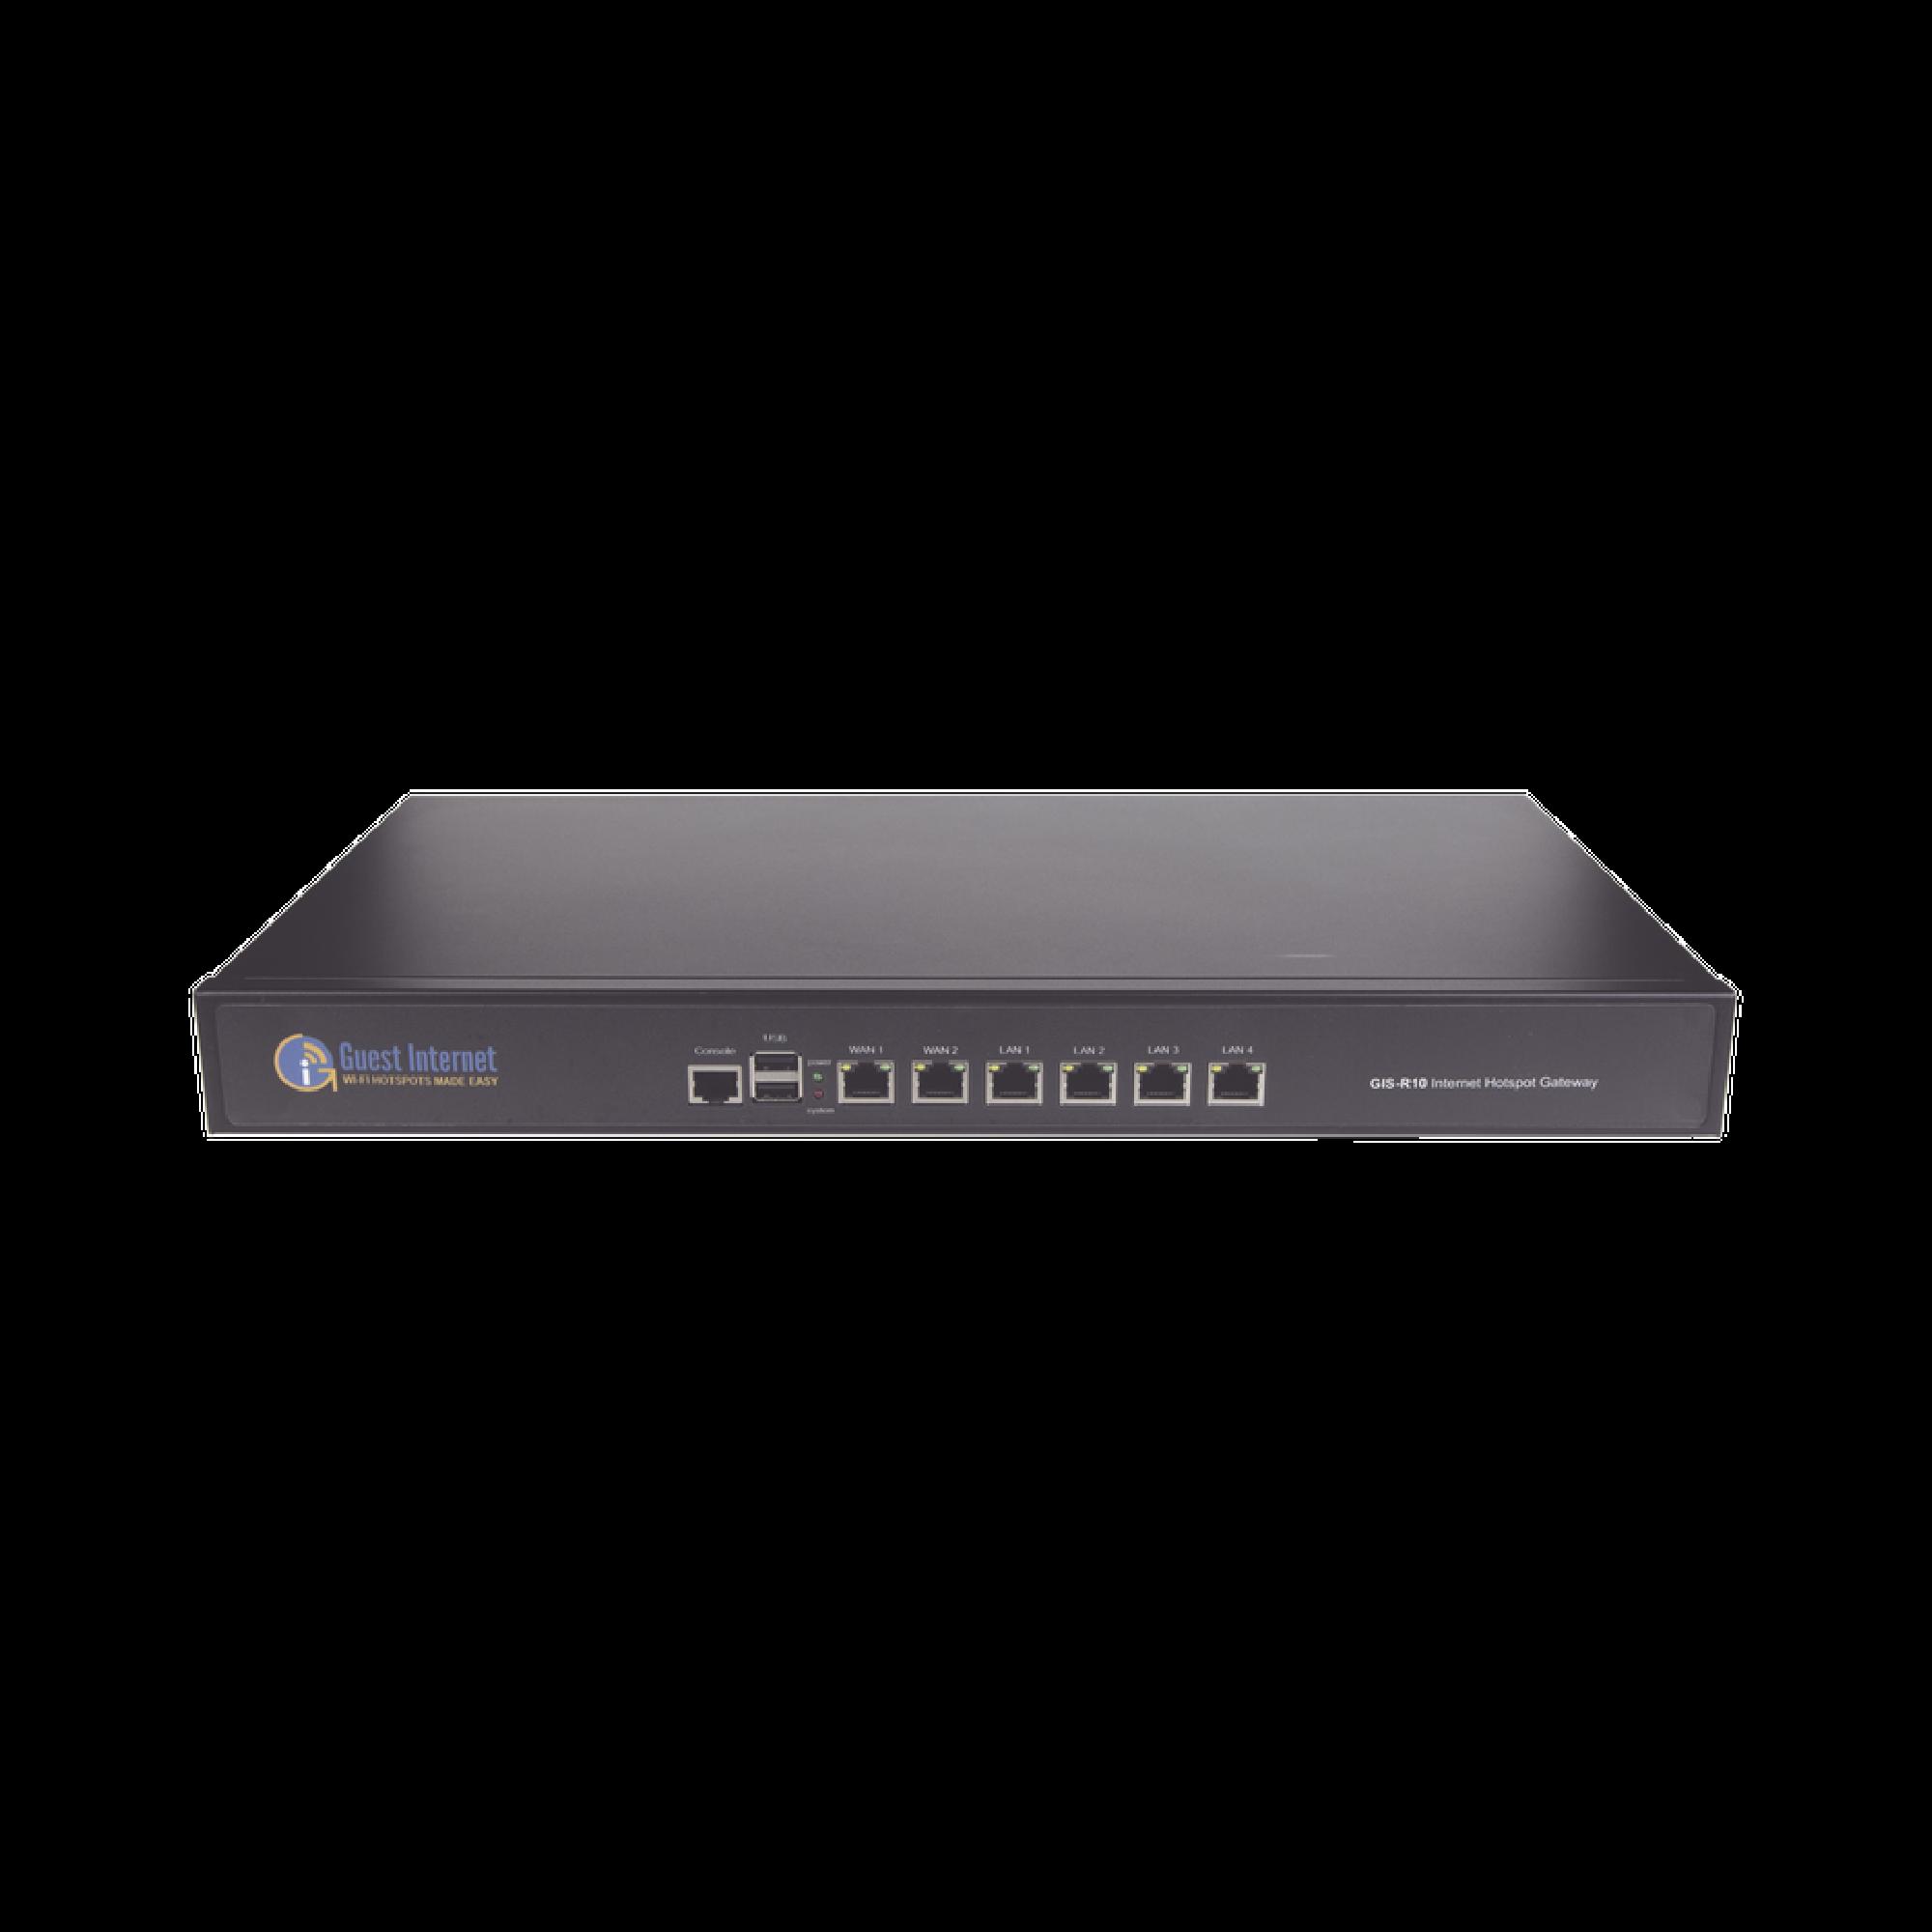 Hotspot para la venta de codigos de Internet, Throughput 400 Mbps, balanceo de carga, configuracion mediante WIZARD, Multi-WAN